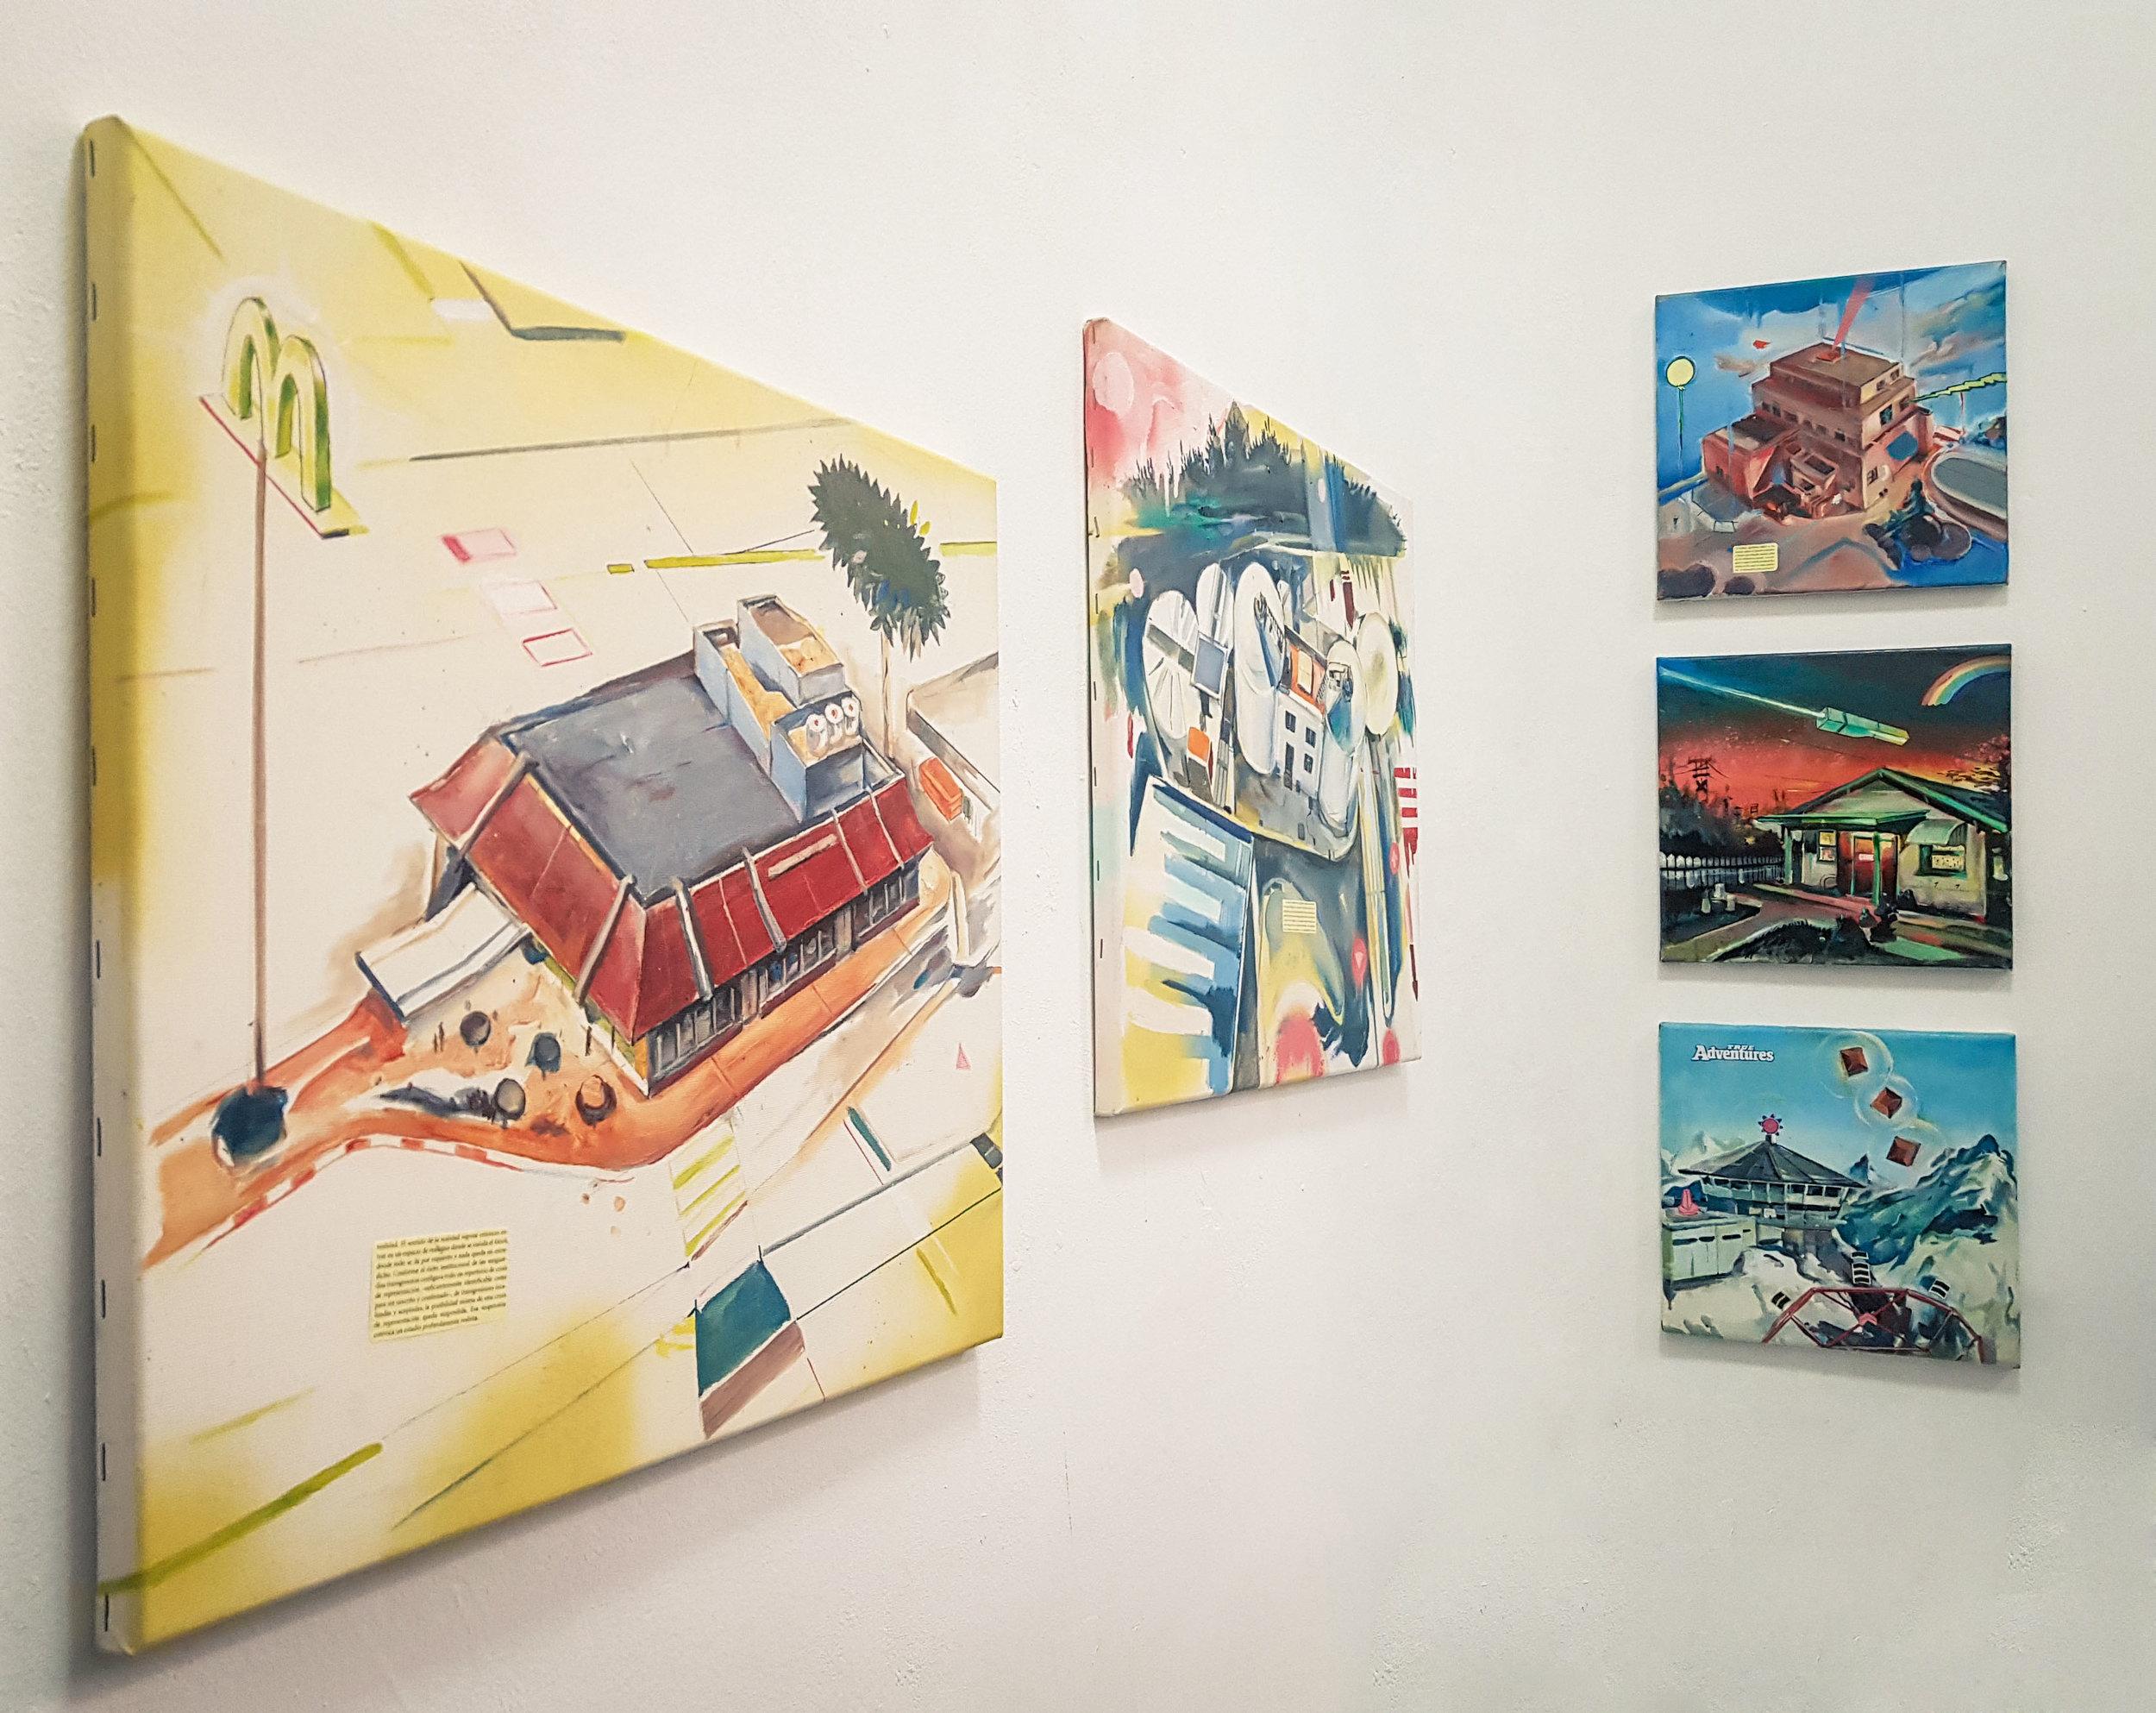 """Jonathan Notario, """"Arcade Paintings"""" - 27 abril - 1 junio 2019Galería Zunino, Sevilla"""